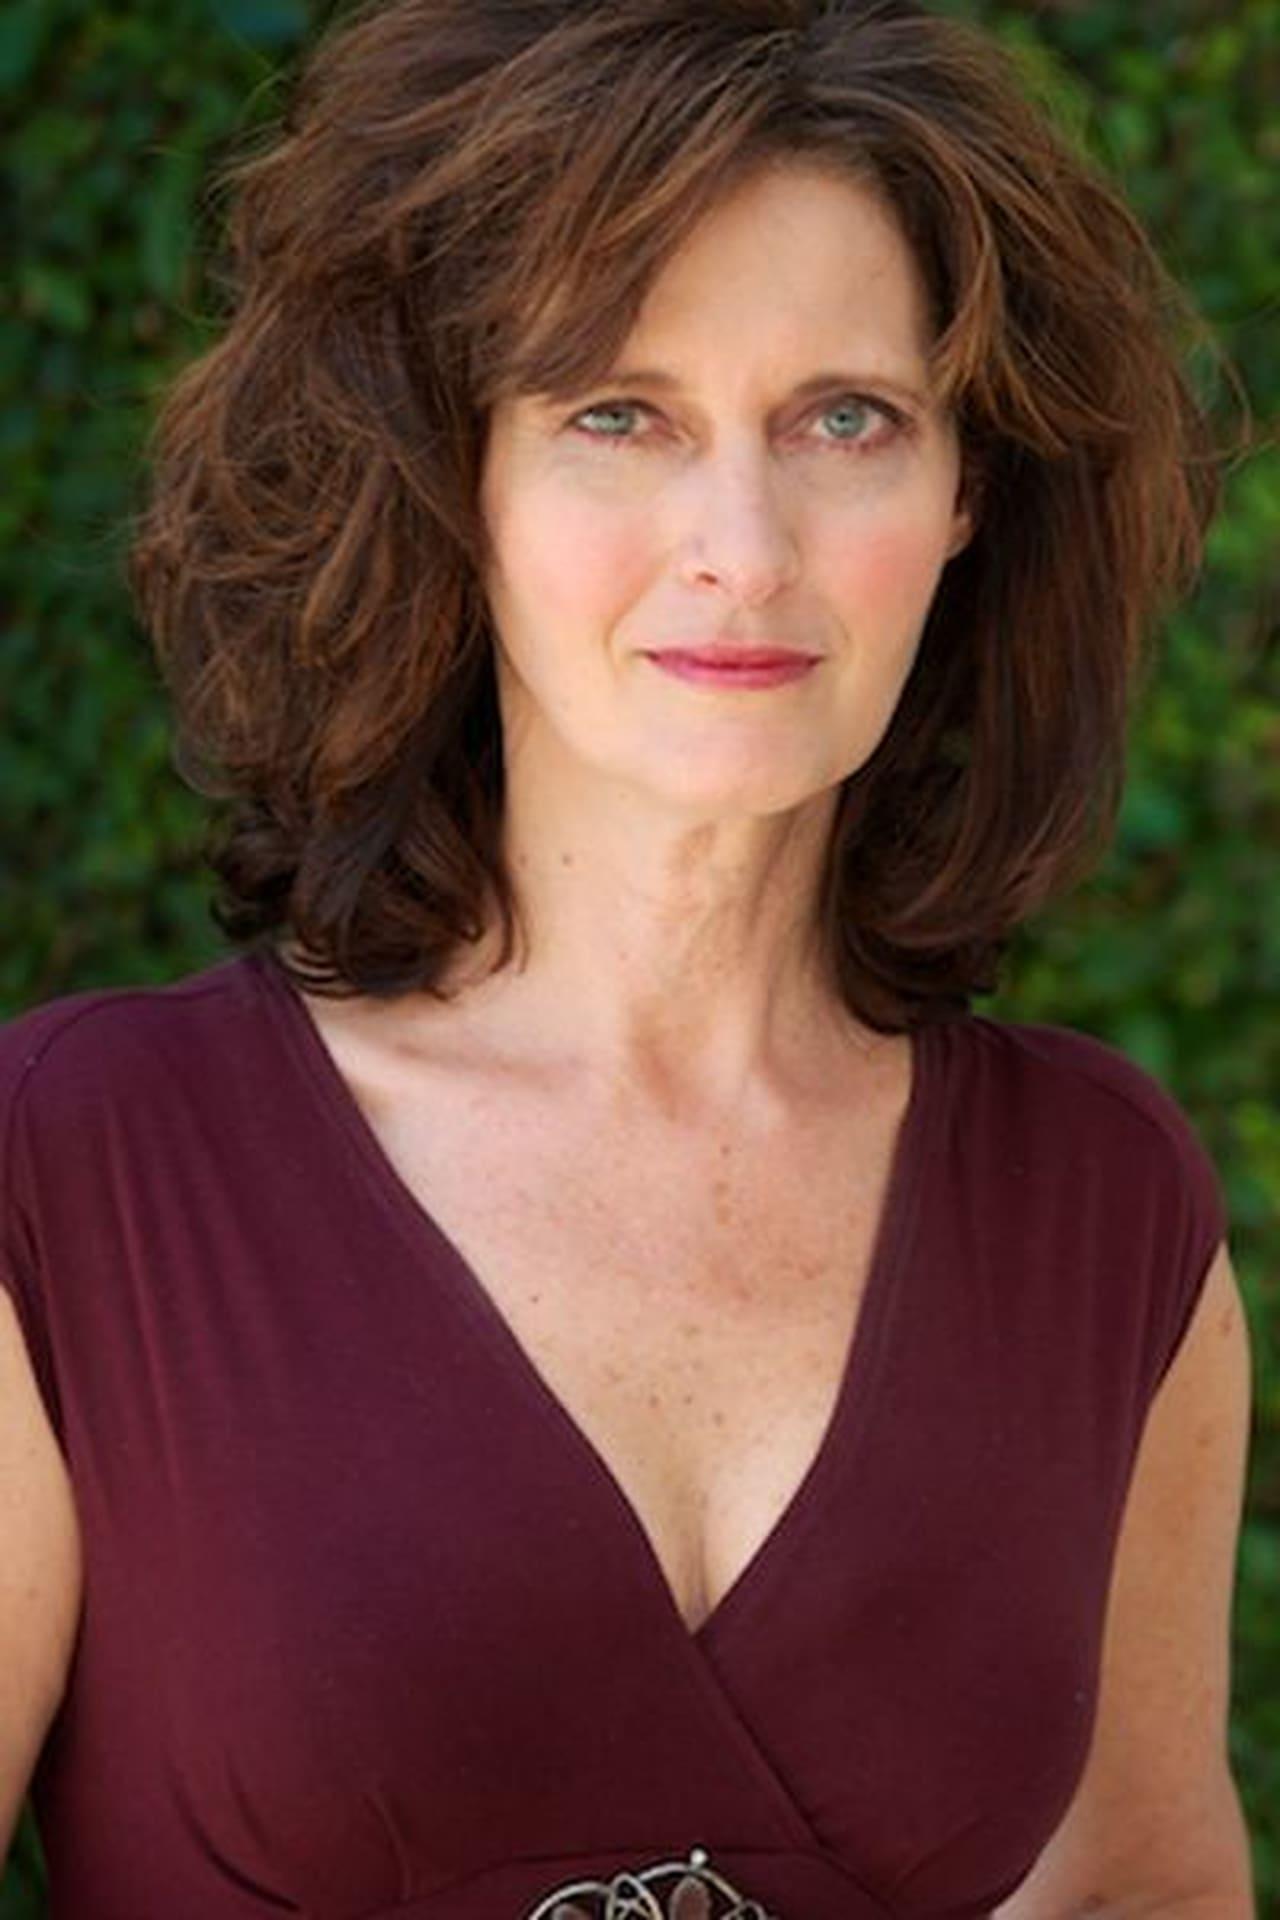 Kimberly Van Luin